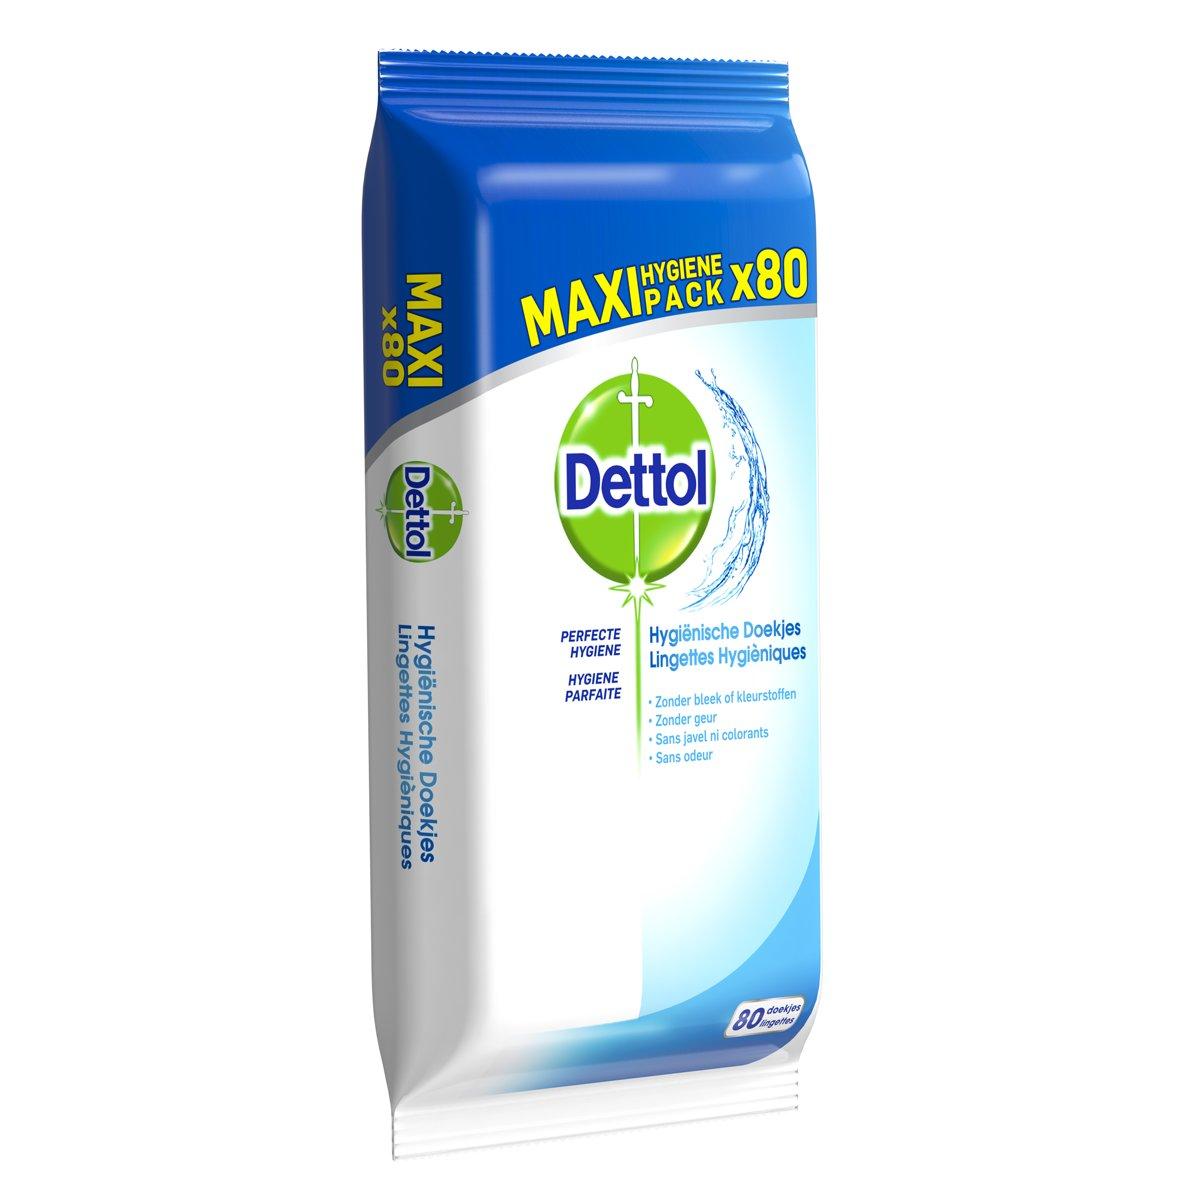 Dettol Hygiënische Reinigingsdoekjes - 1 x 80 stuks